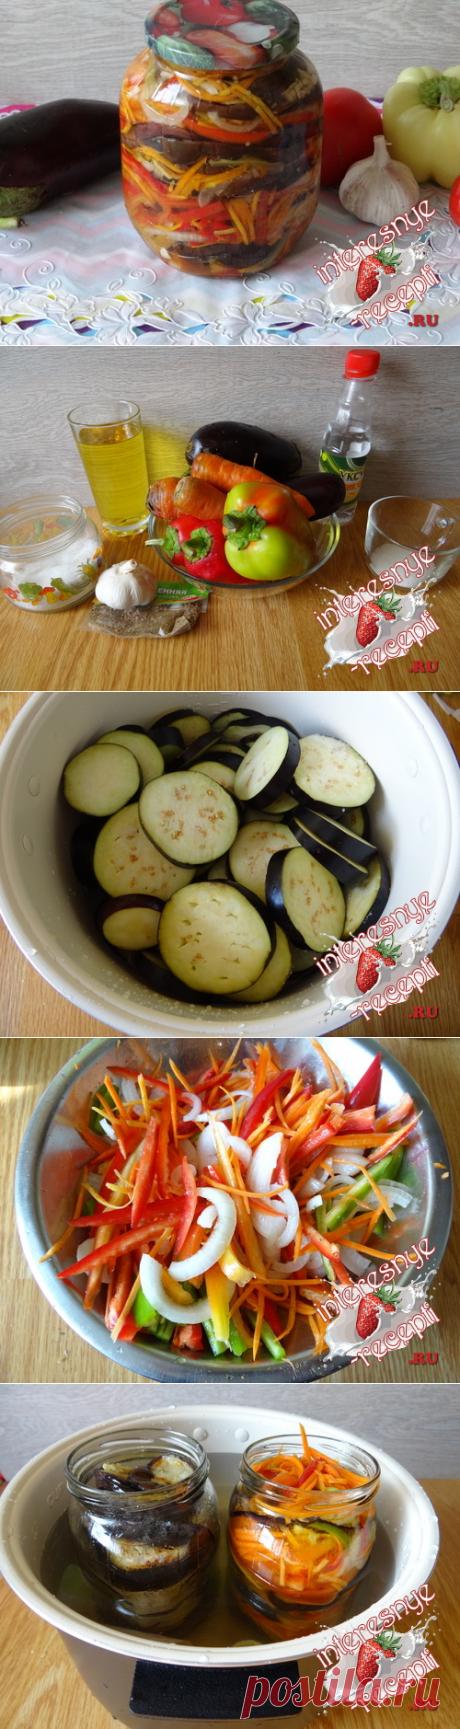 Баклажаны по-корейски на зиму - Интересные рецепты